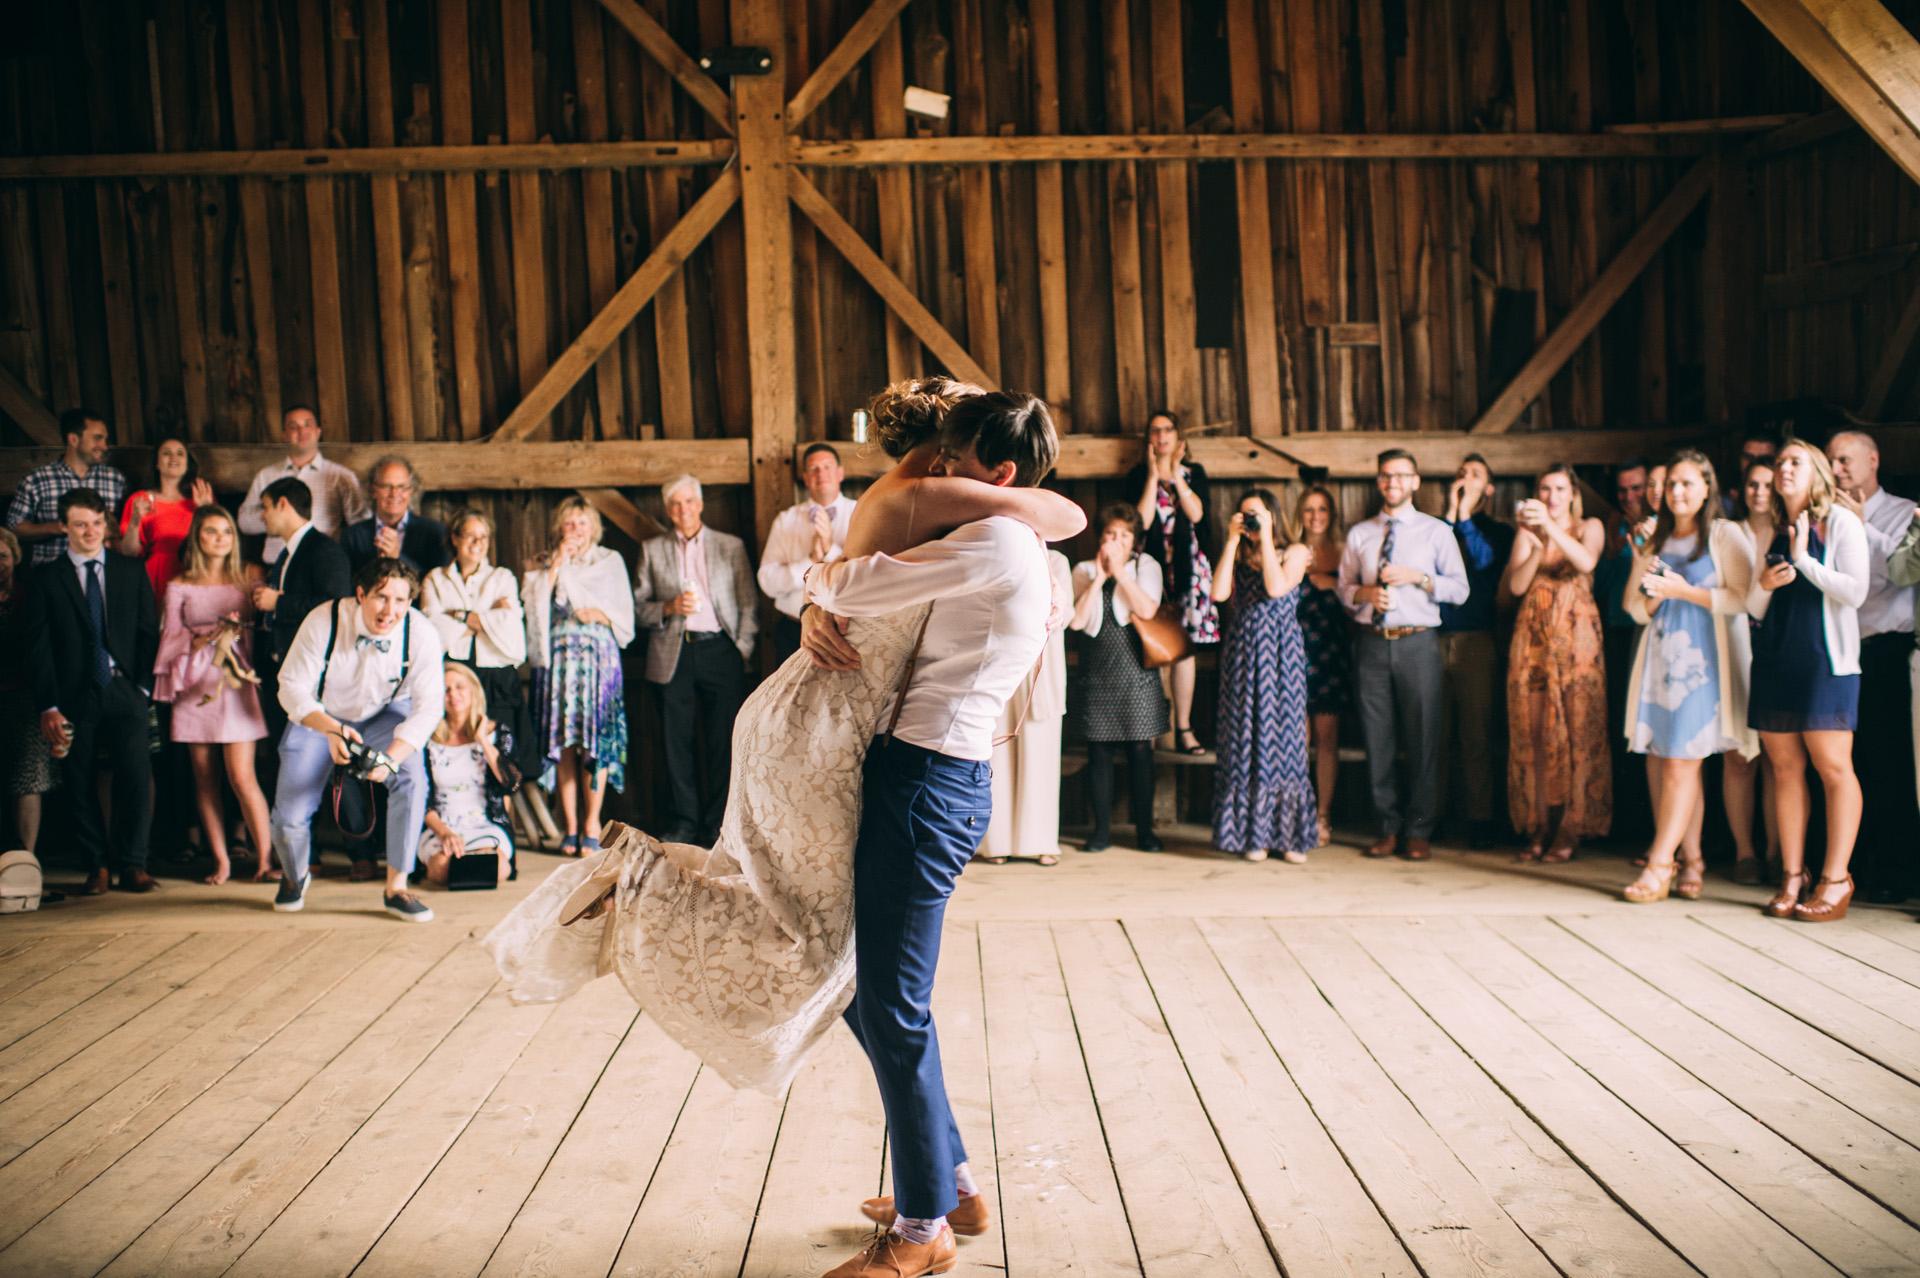 broadturn-farm-wedding-81